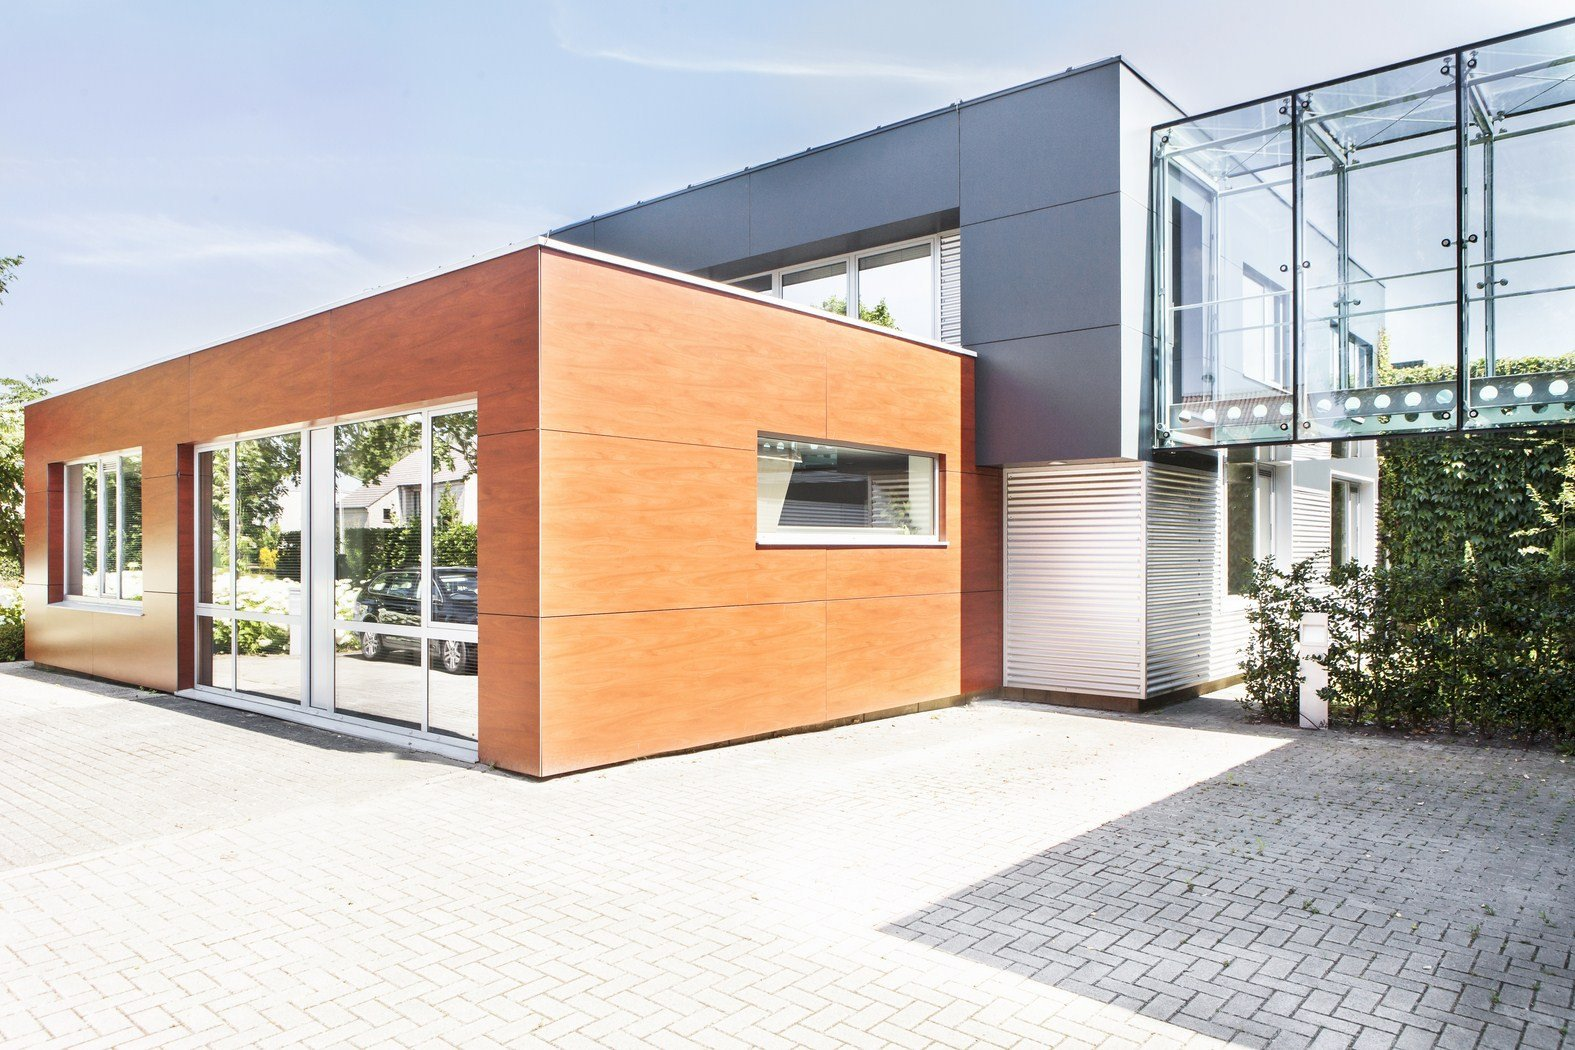 Drukkerij Buromac_Brugge_kantoren_productieruimte_stockageruimte (2).jpg